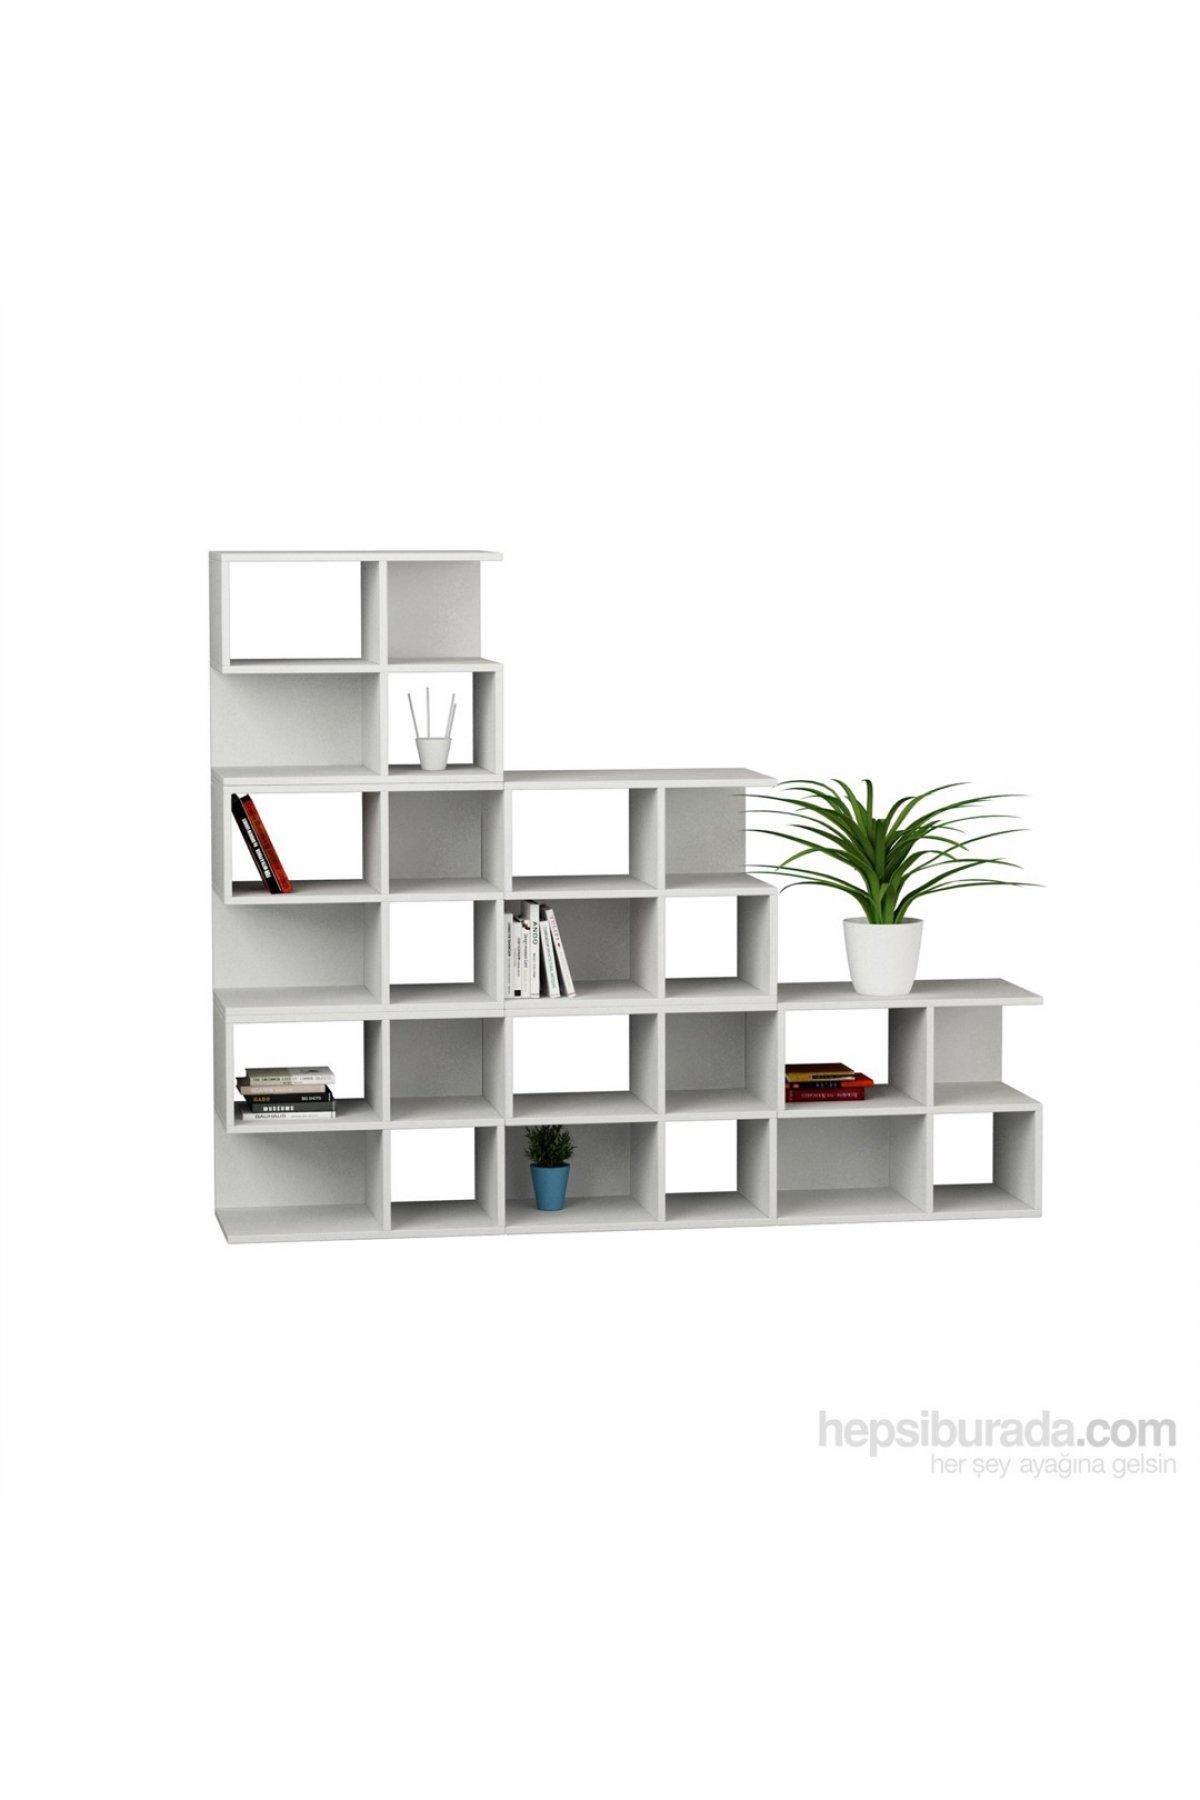 Evsimo Aaron Corner Kitaplık 6Lı Set Beyaz